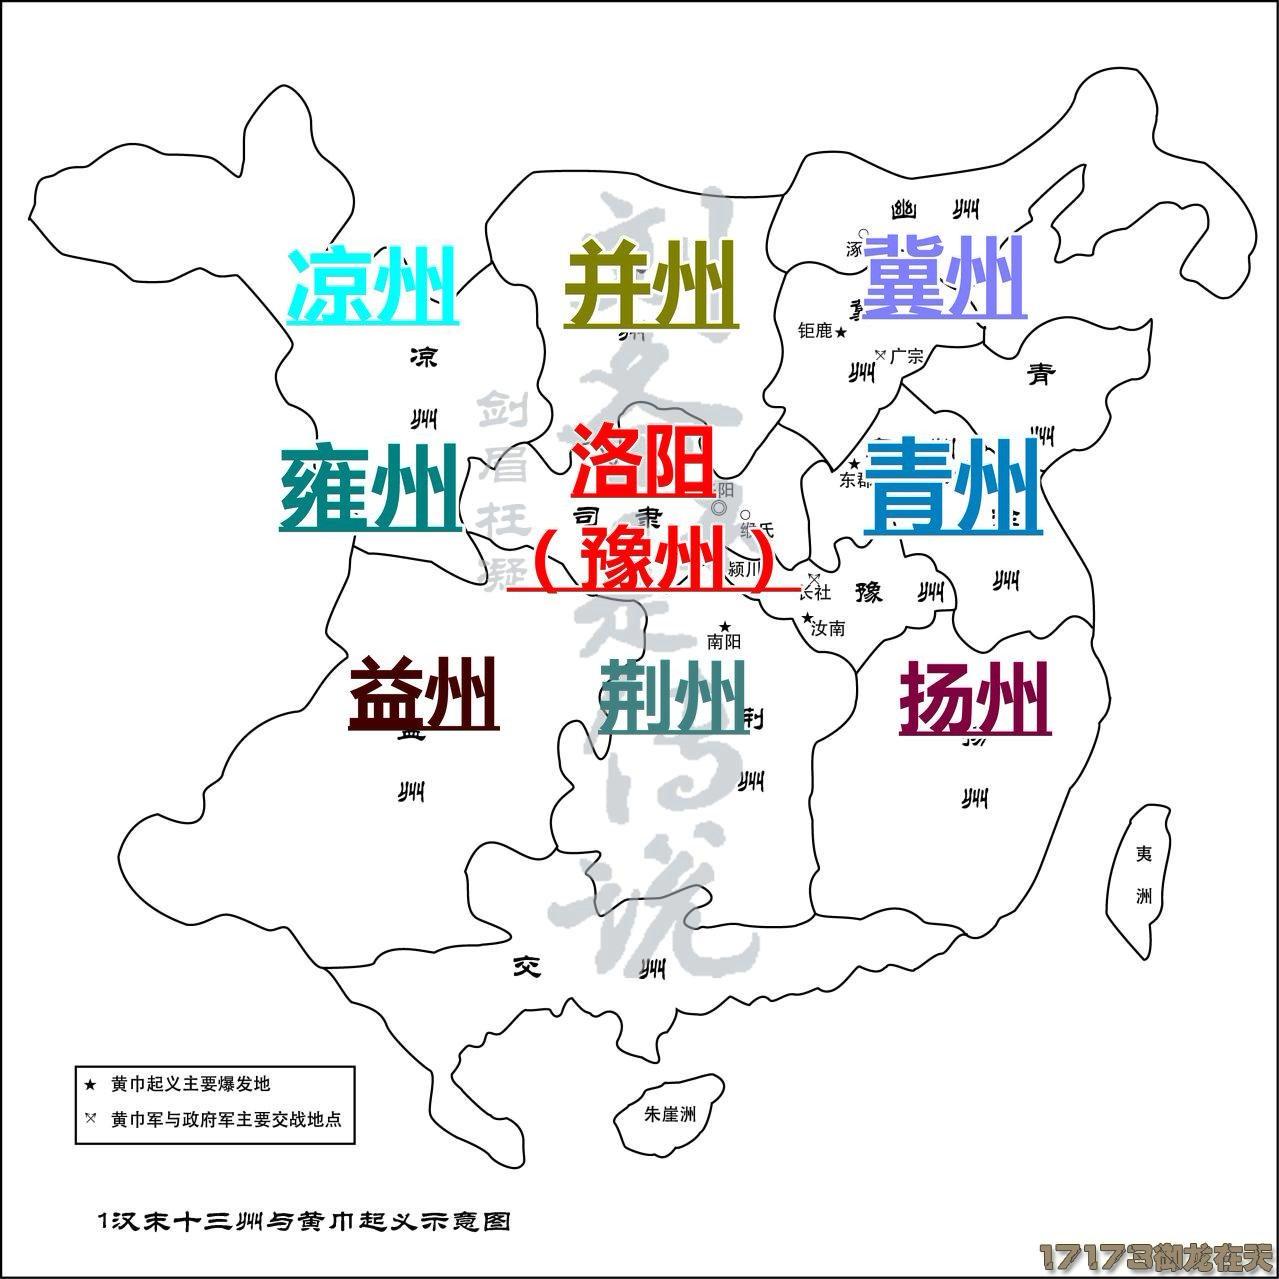 中国古代地图全图; 玩家自制游戏政治地图全貌;